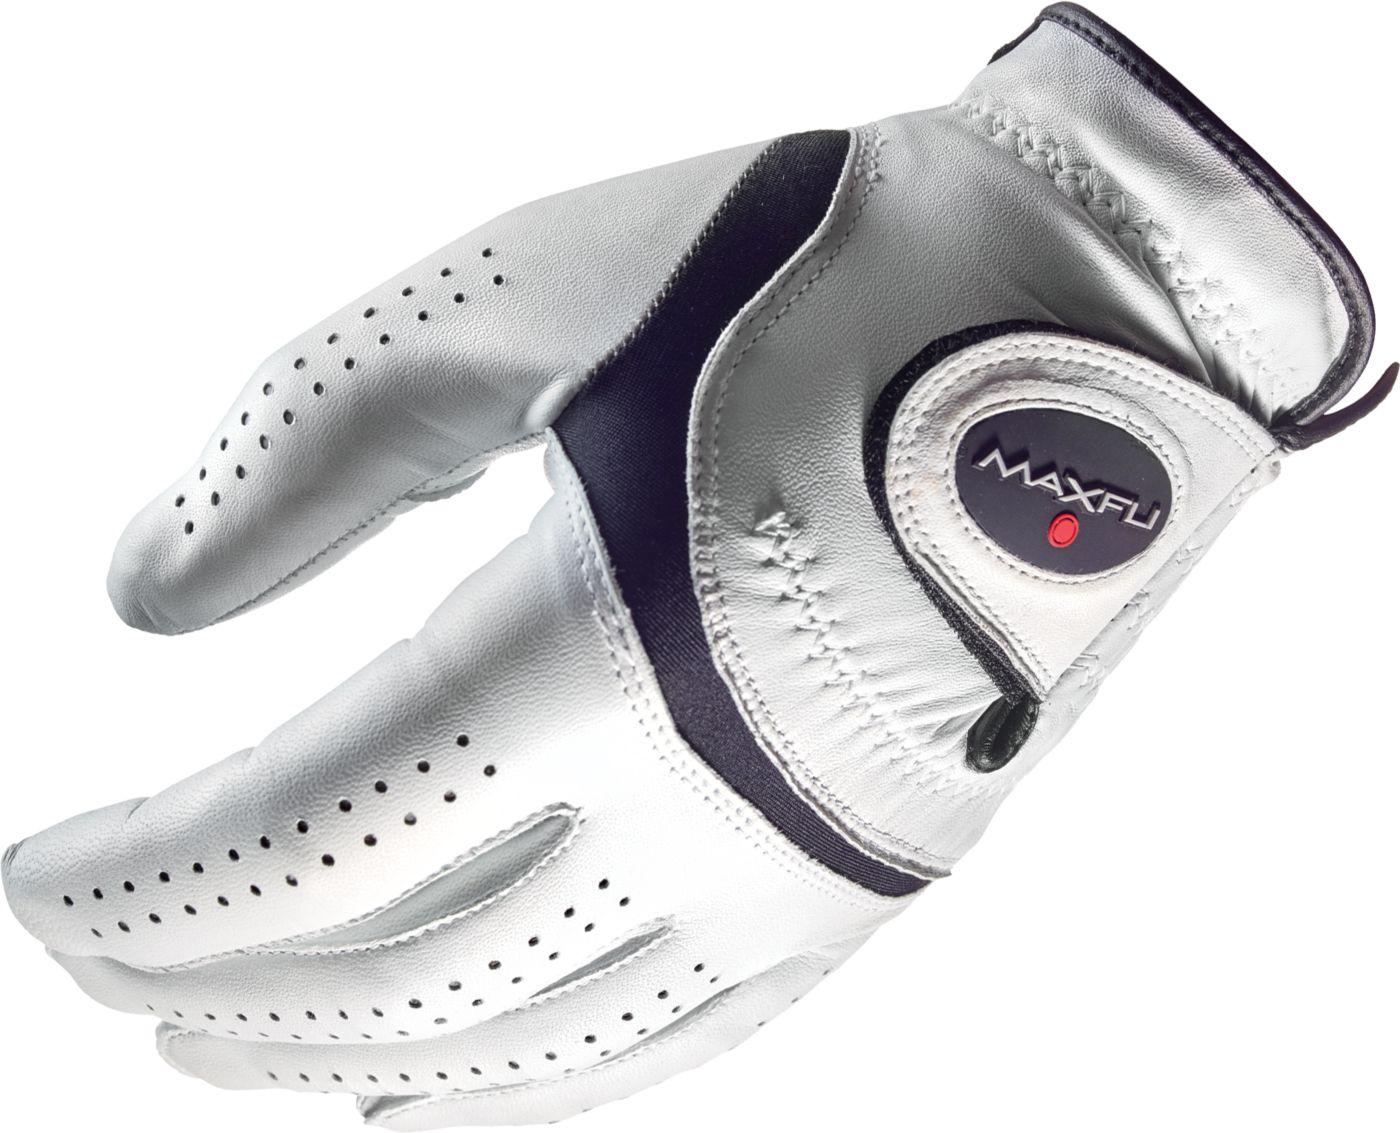 Maxfli Tour Golf Glove